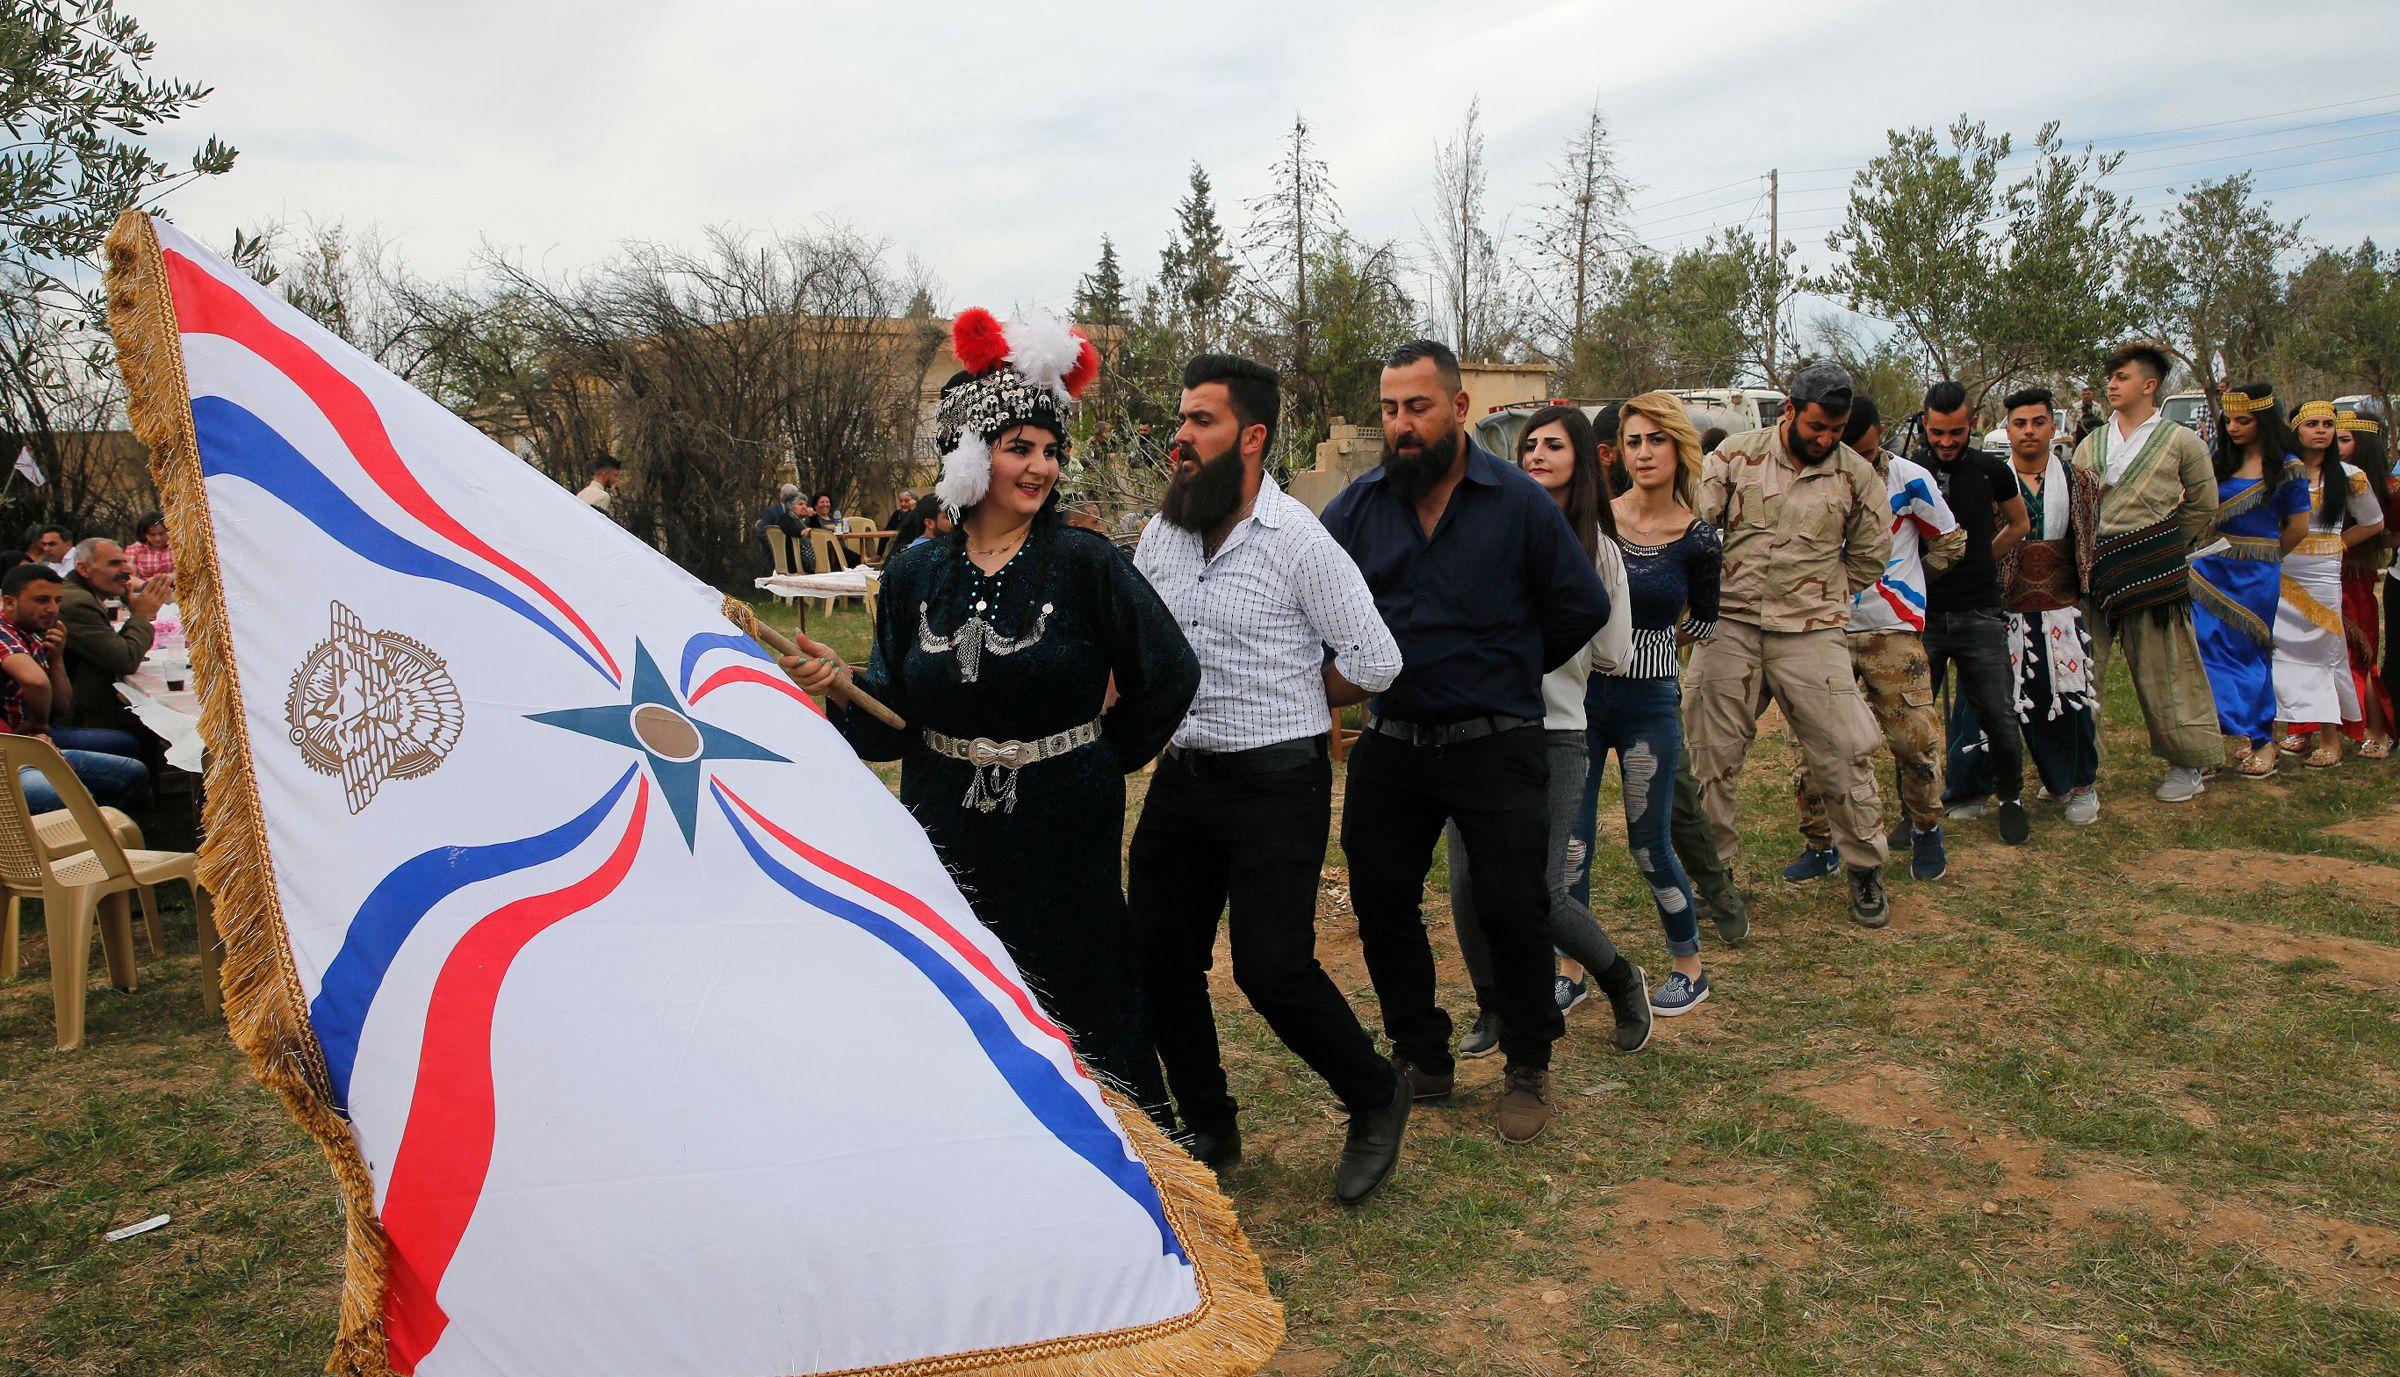 «Ich würde gerne in meiner Heimat sterben können» – Ein Assyrer aus Wil erzählt die Geschichte seines Volkes | St.Galler Tagblatt